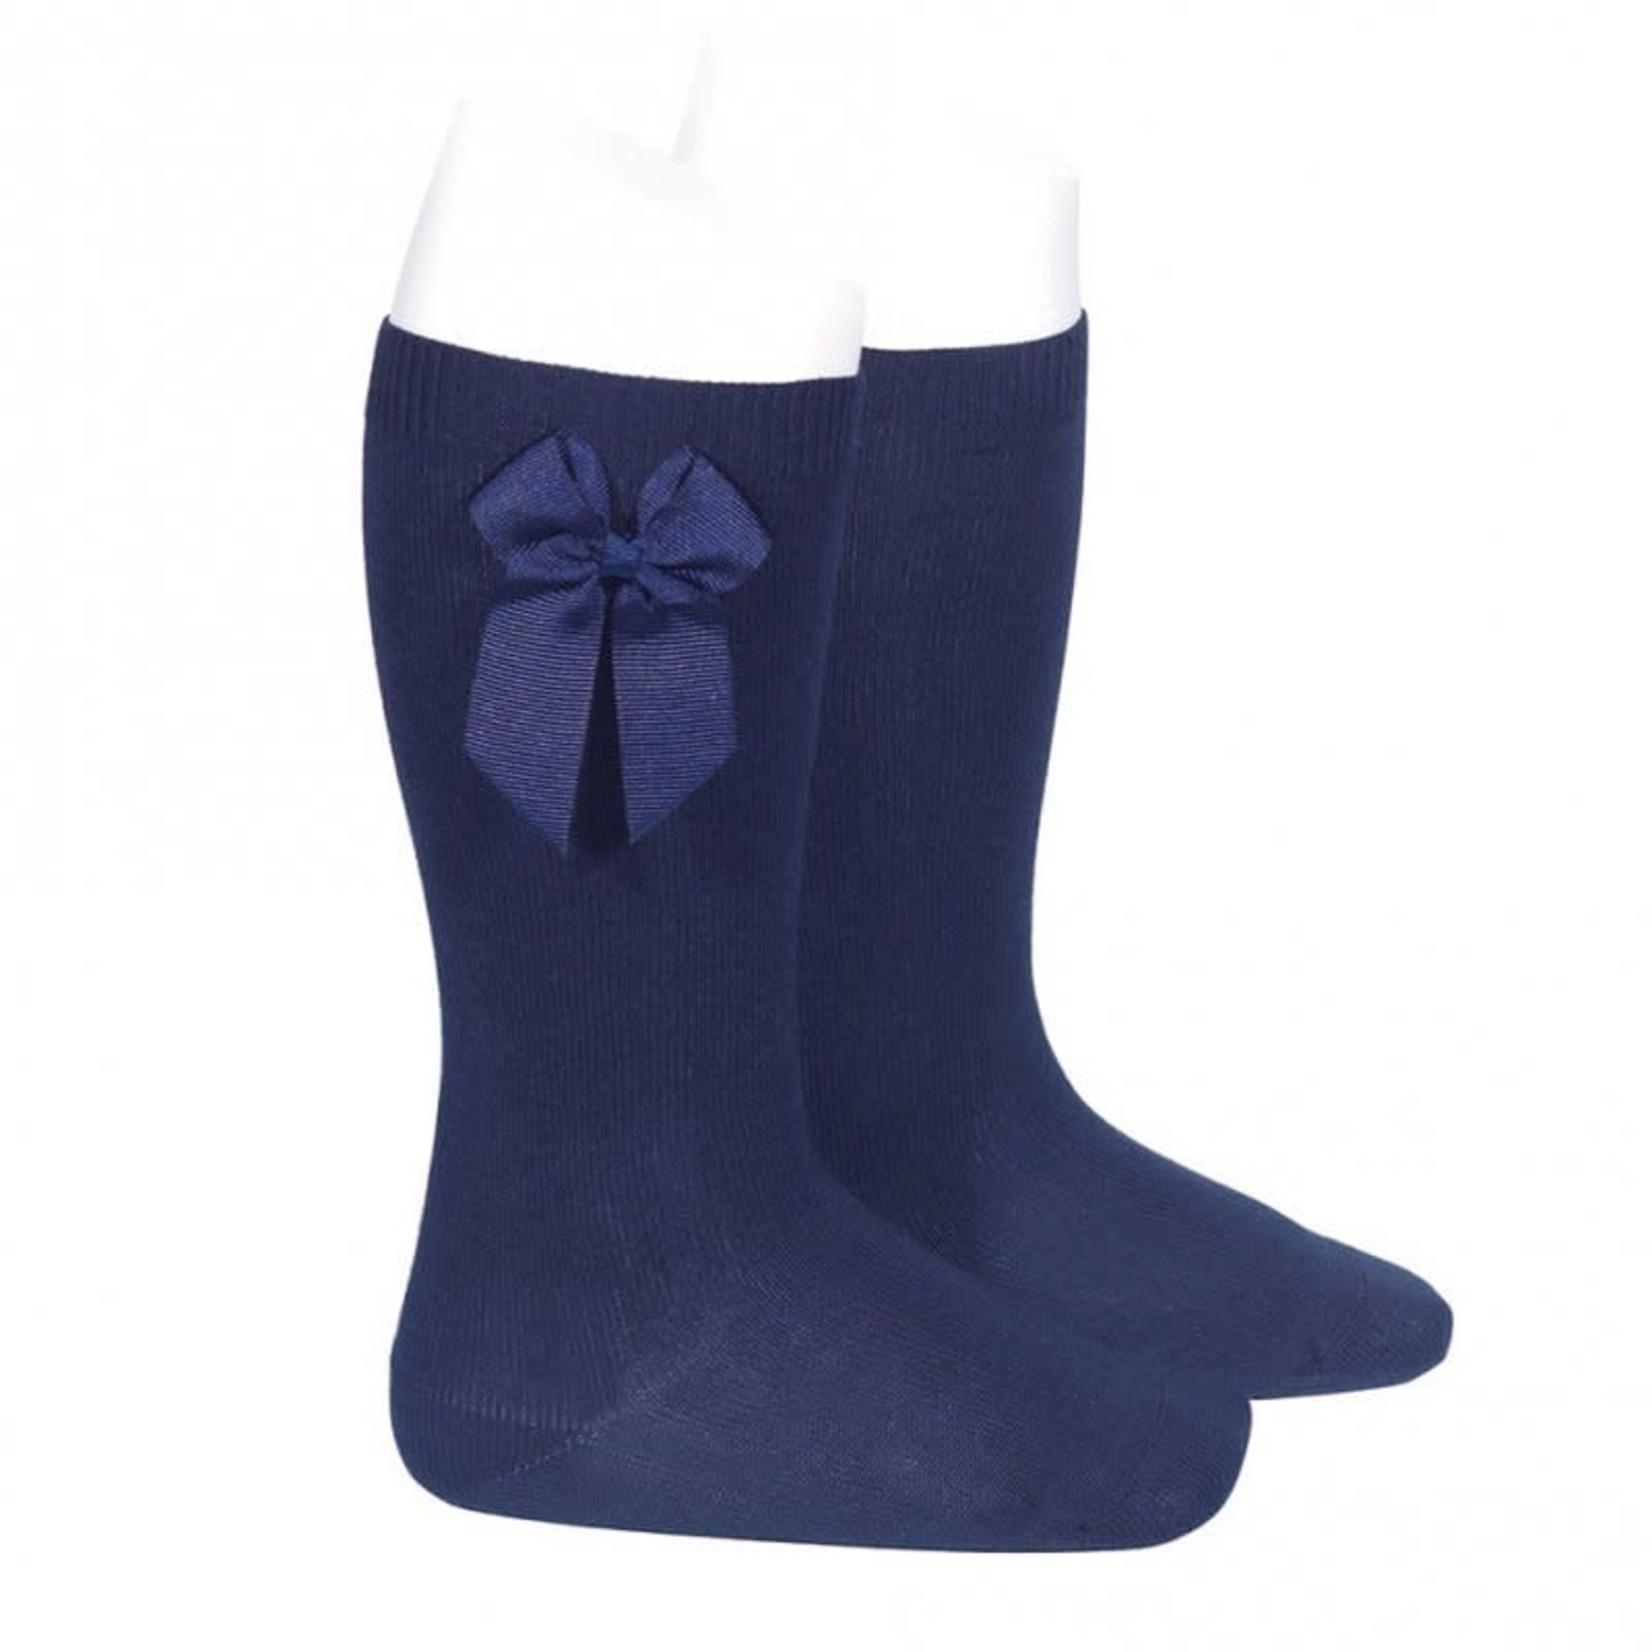 Condor Socks - Navy